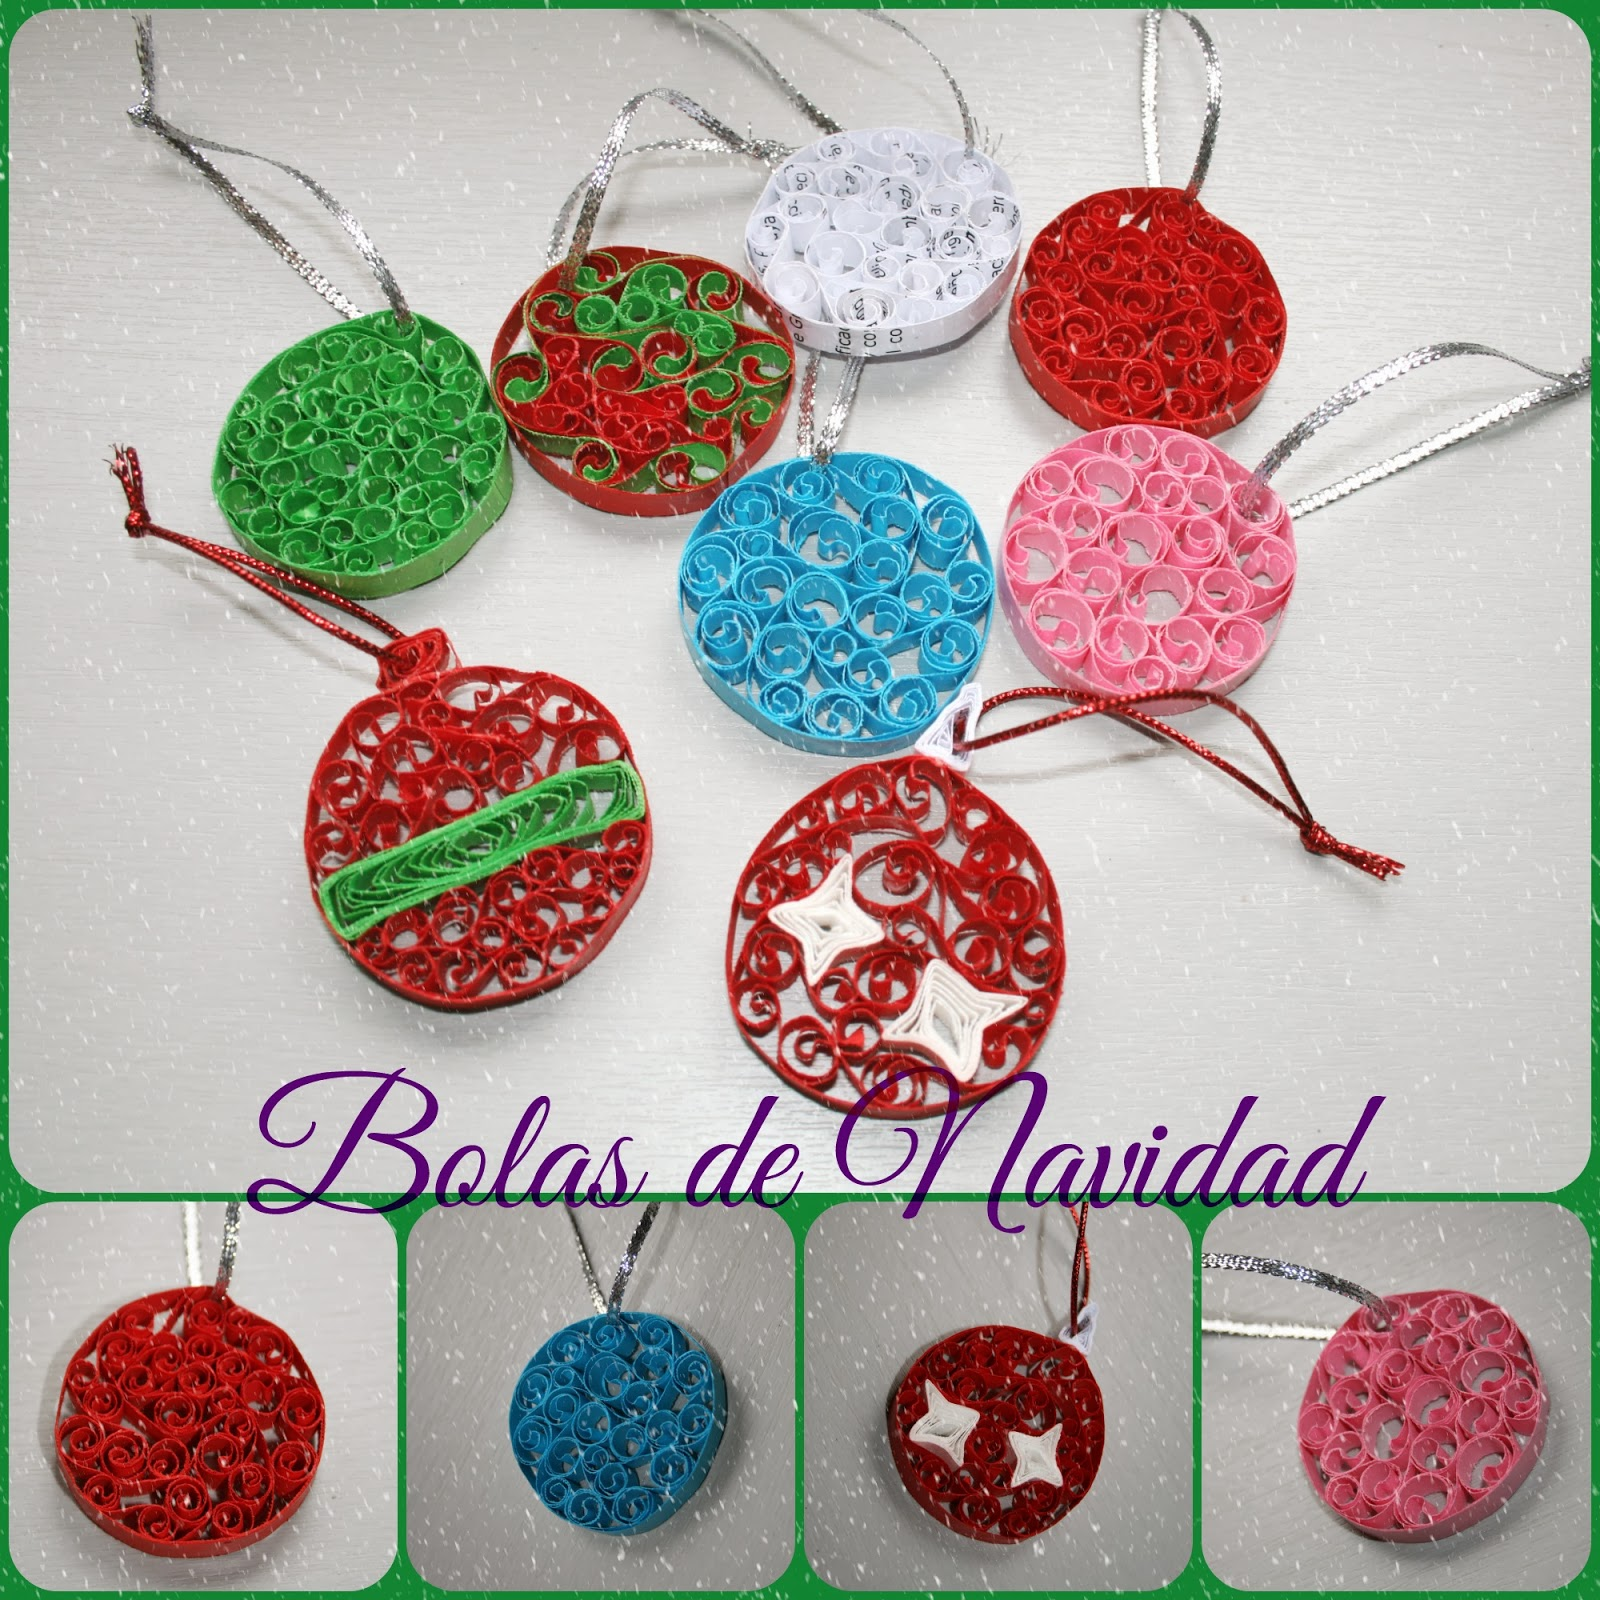 El joyero de papel merle adornos navide os bolas de navidad - Adornos de papel para navidad ...